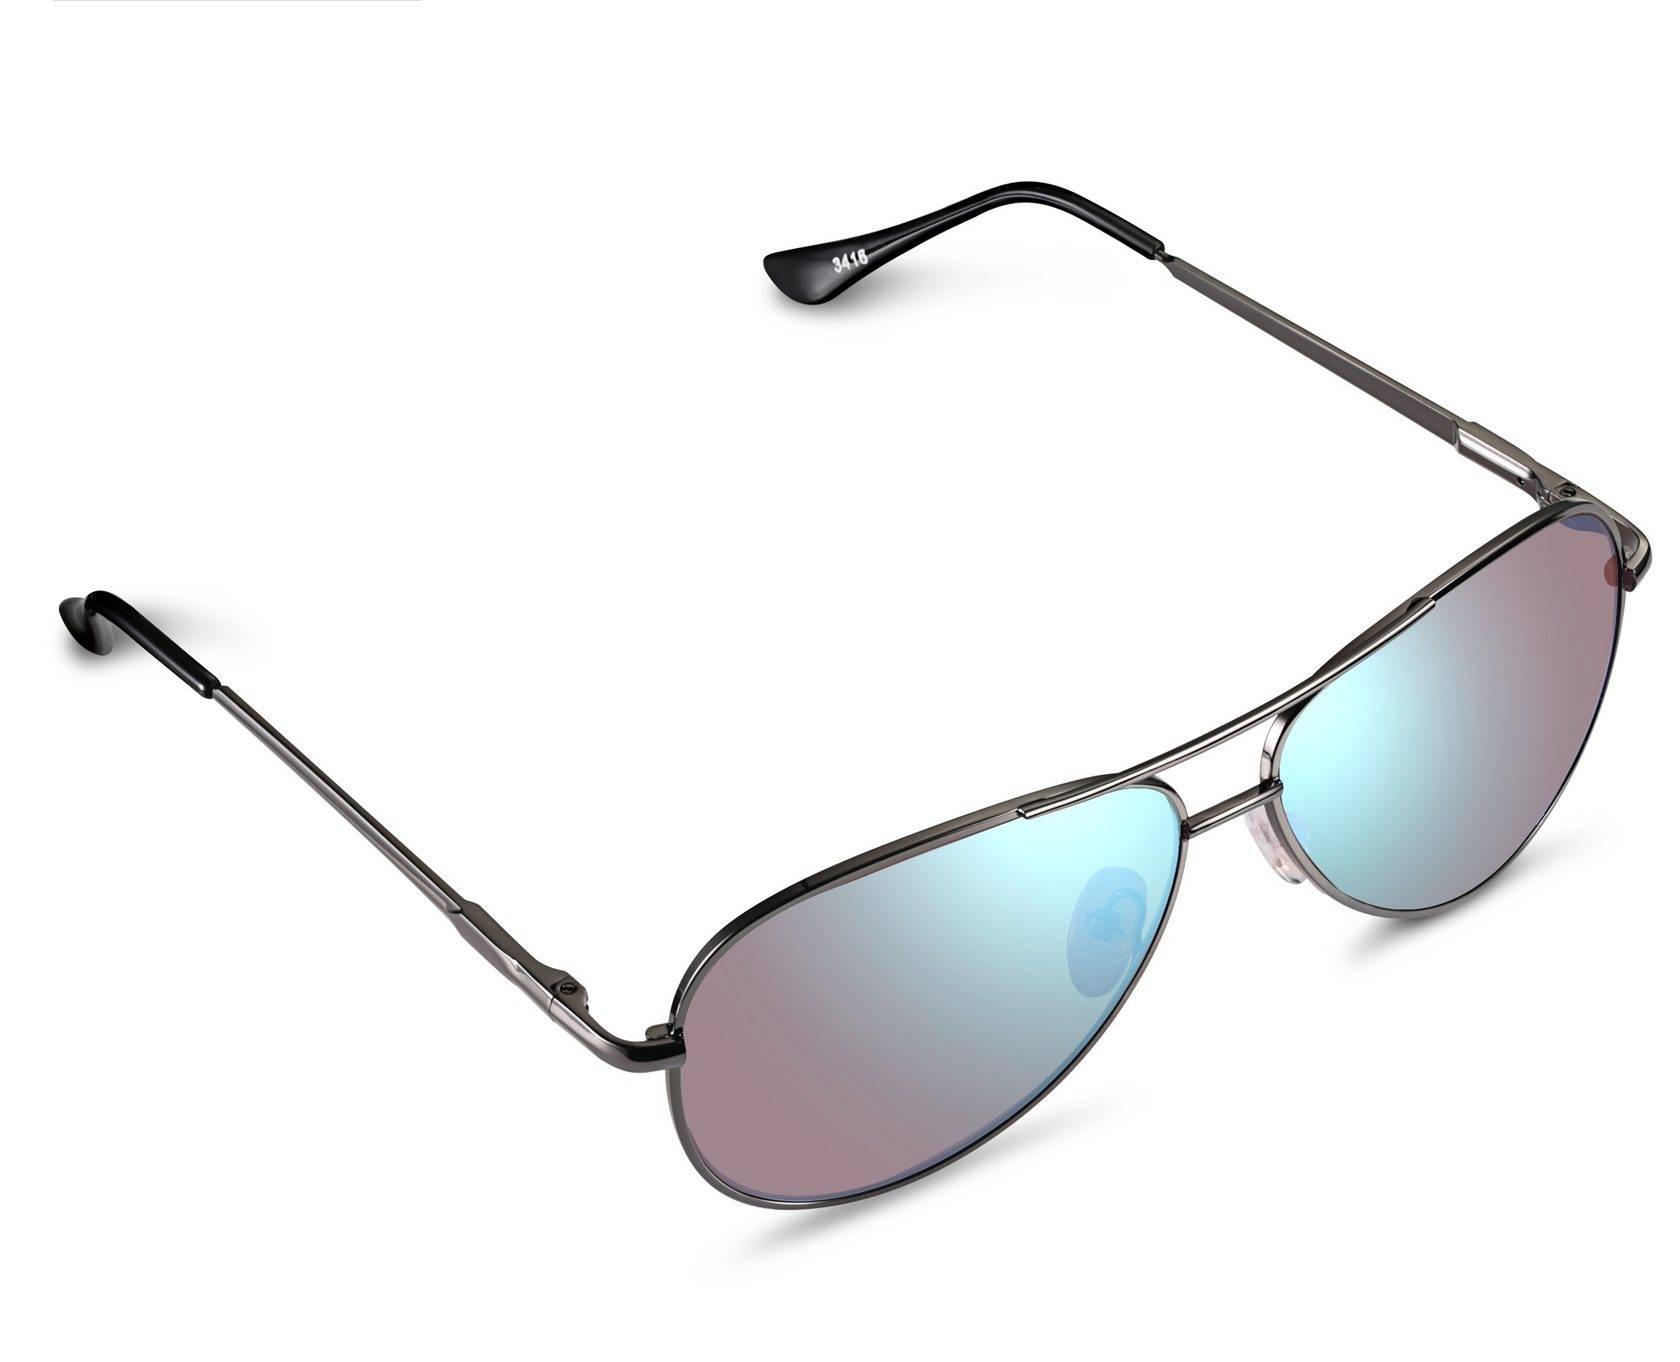 Очки для дальтоников: принцип действия, как устроены неодимовые линзы